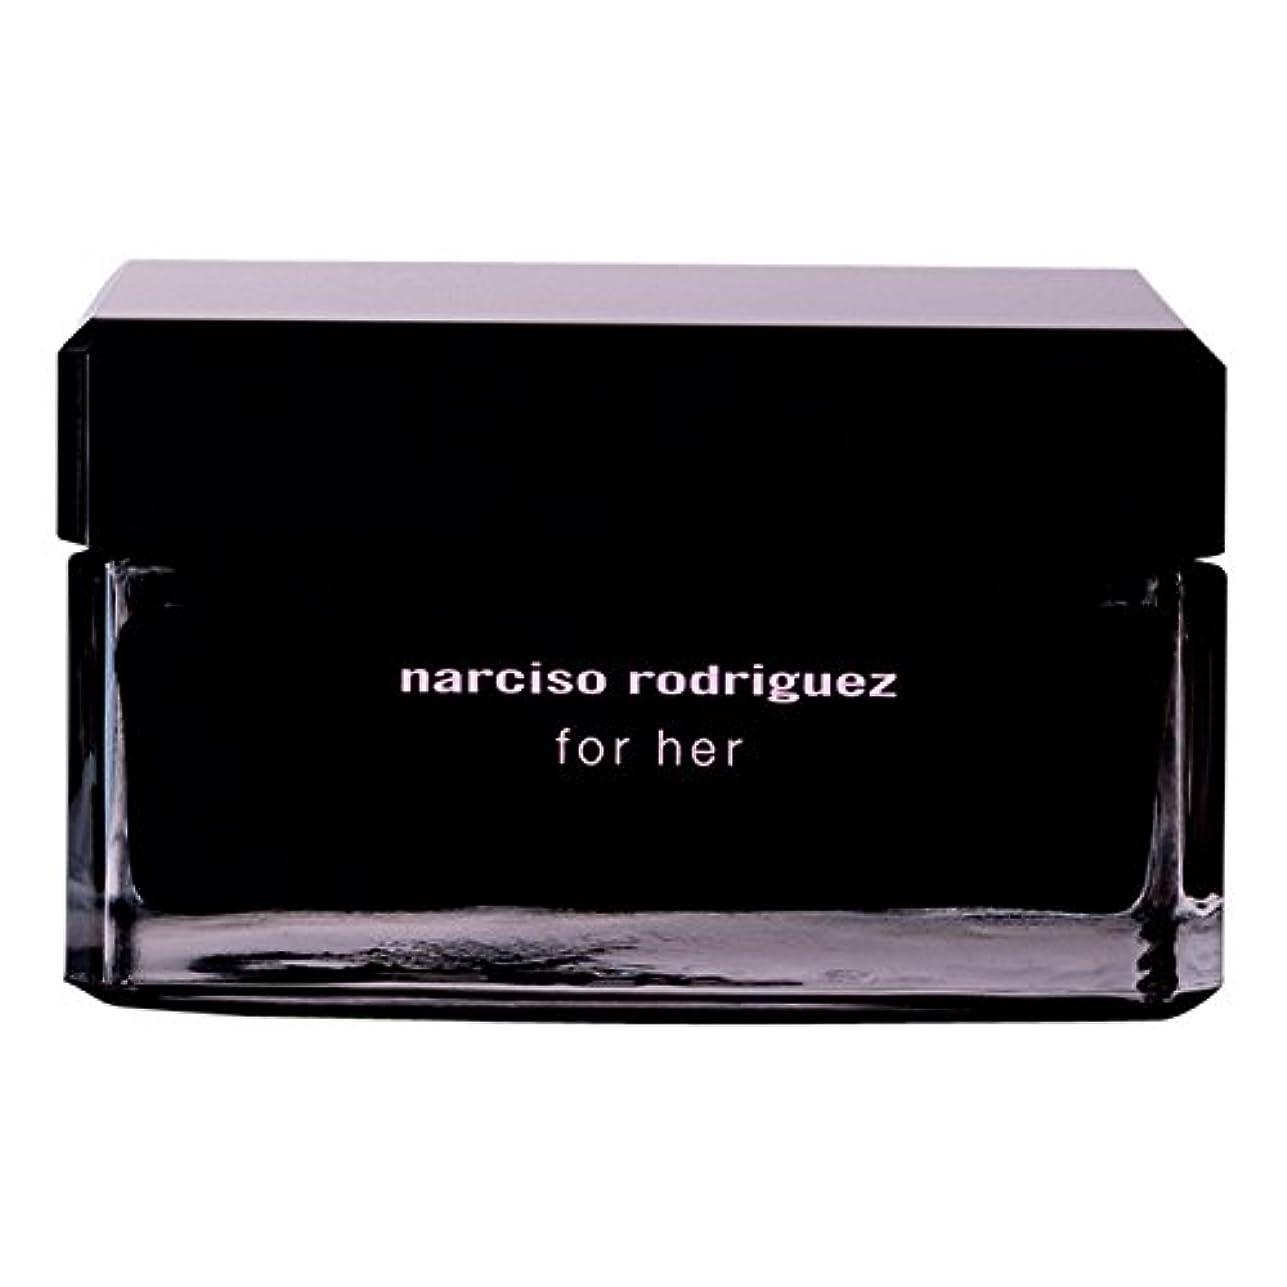 売上高とても貸すナルシソ?ロドリゲスボディクリーム150ミリリットル (Narciso Rodriguez) (x2) - Narciso Rodriguez Body Cream 150ml (Pack of 2) [並行輸入品]